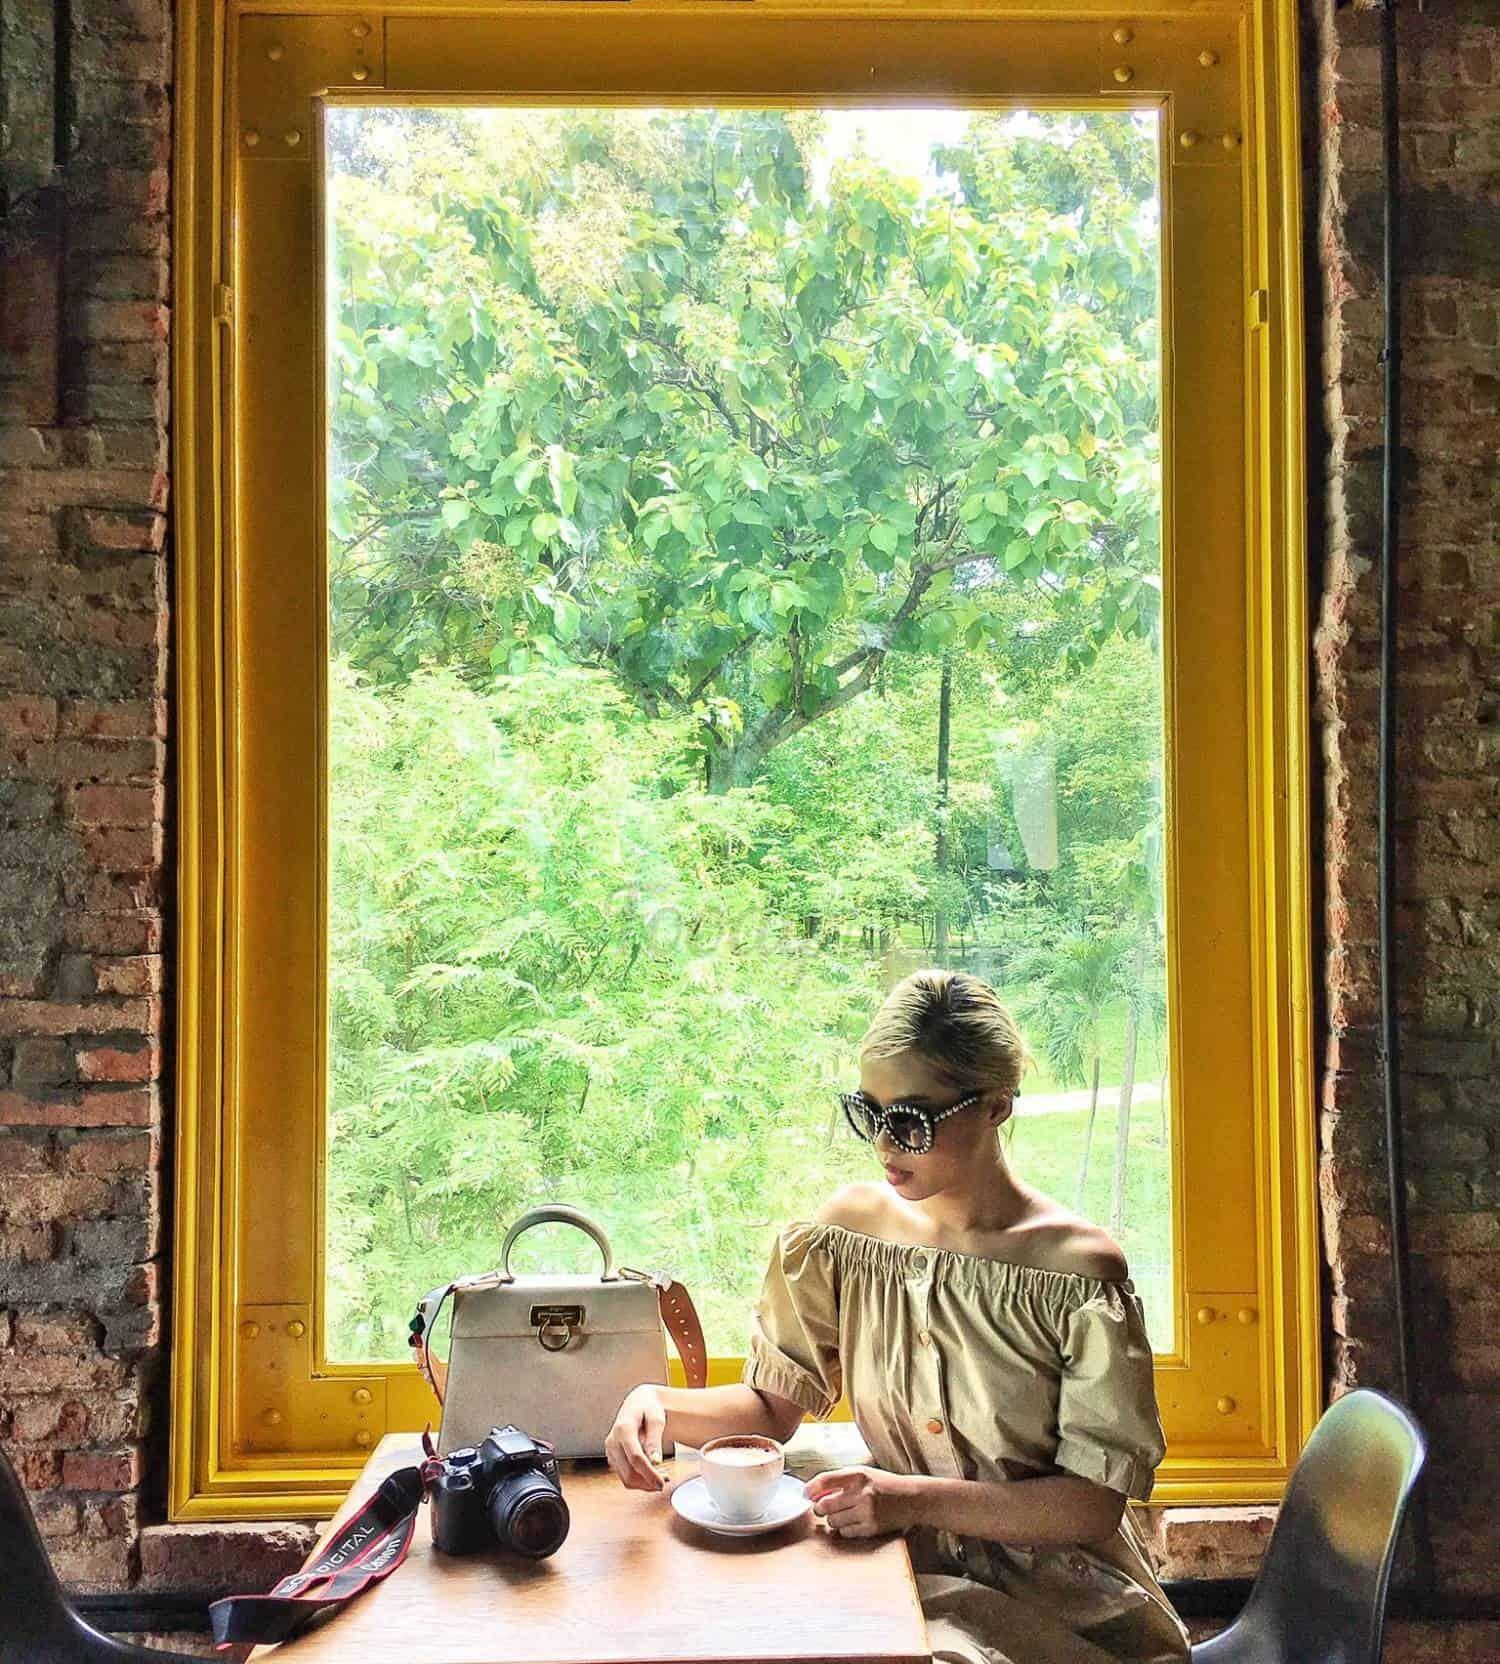 Bức ảnh tuyệt đẹp với khung cửa sổ thần thánh